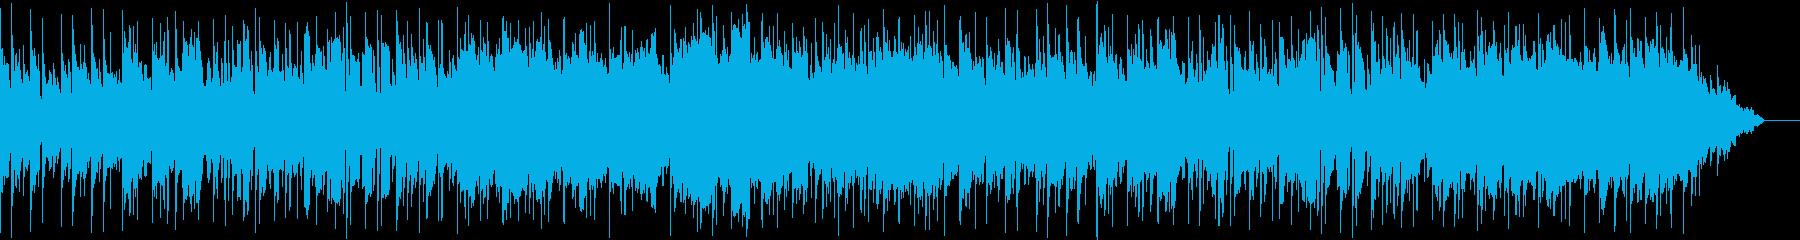 フルートがメインの曲の再生済みの波形